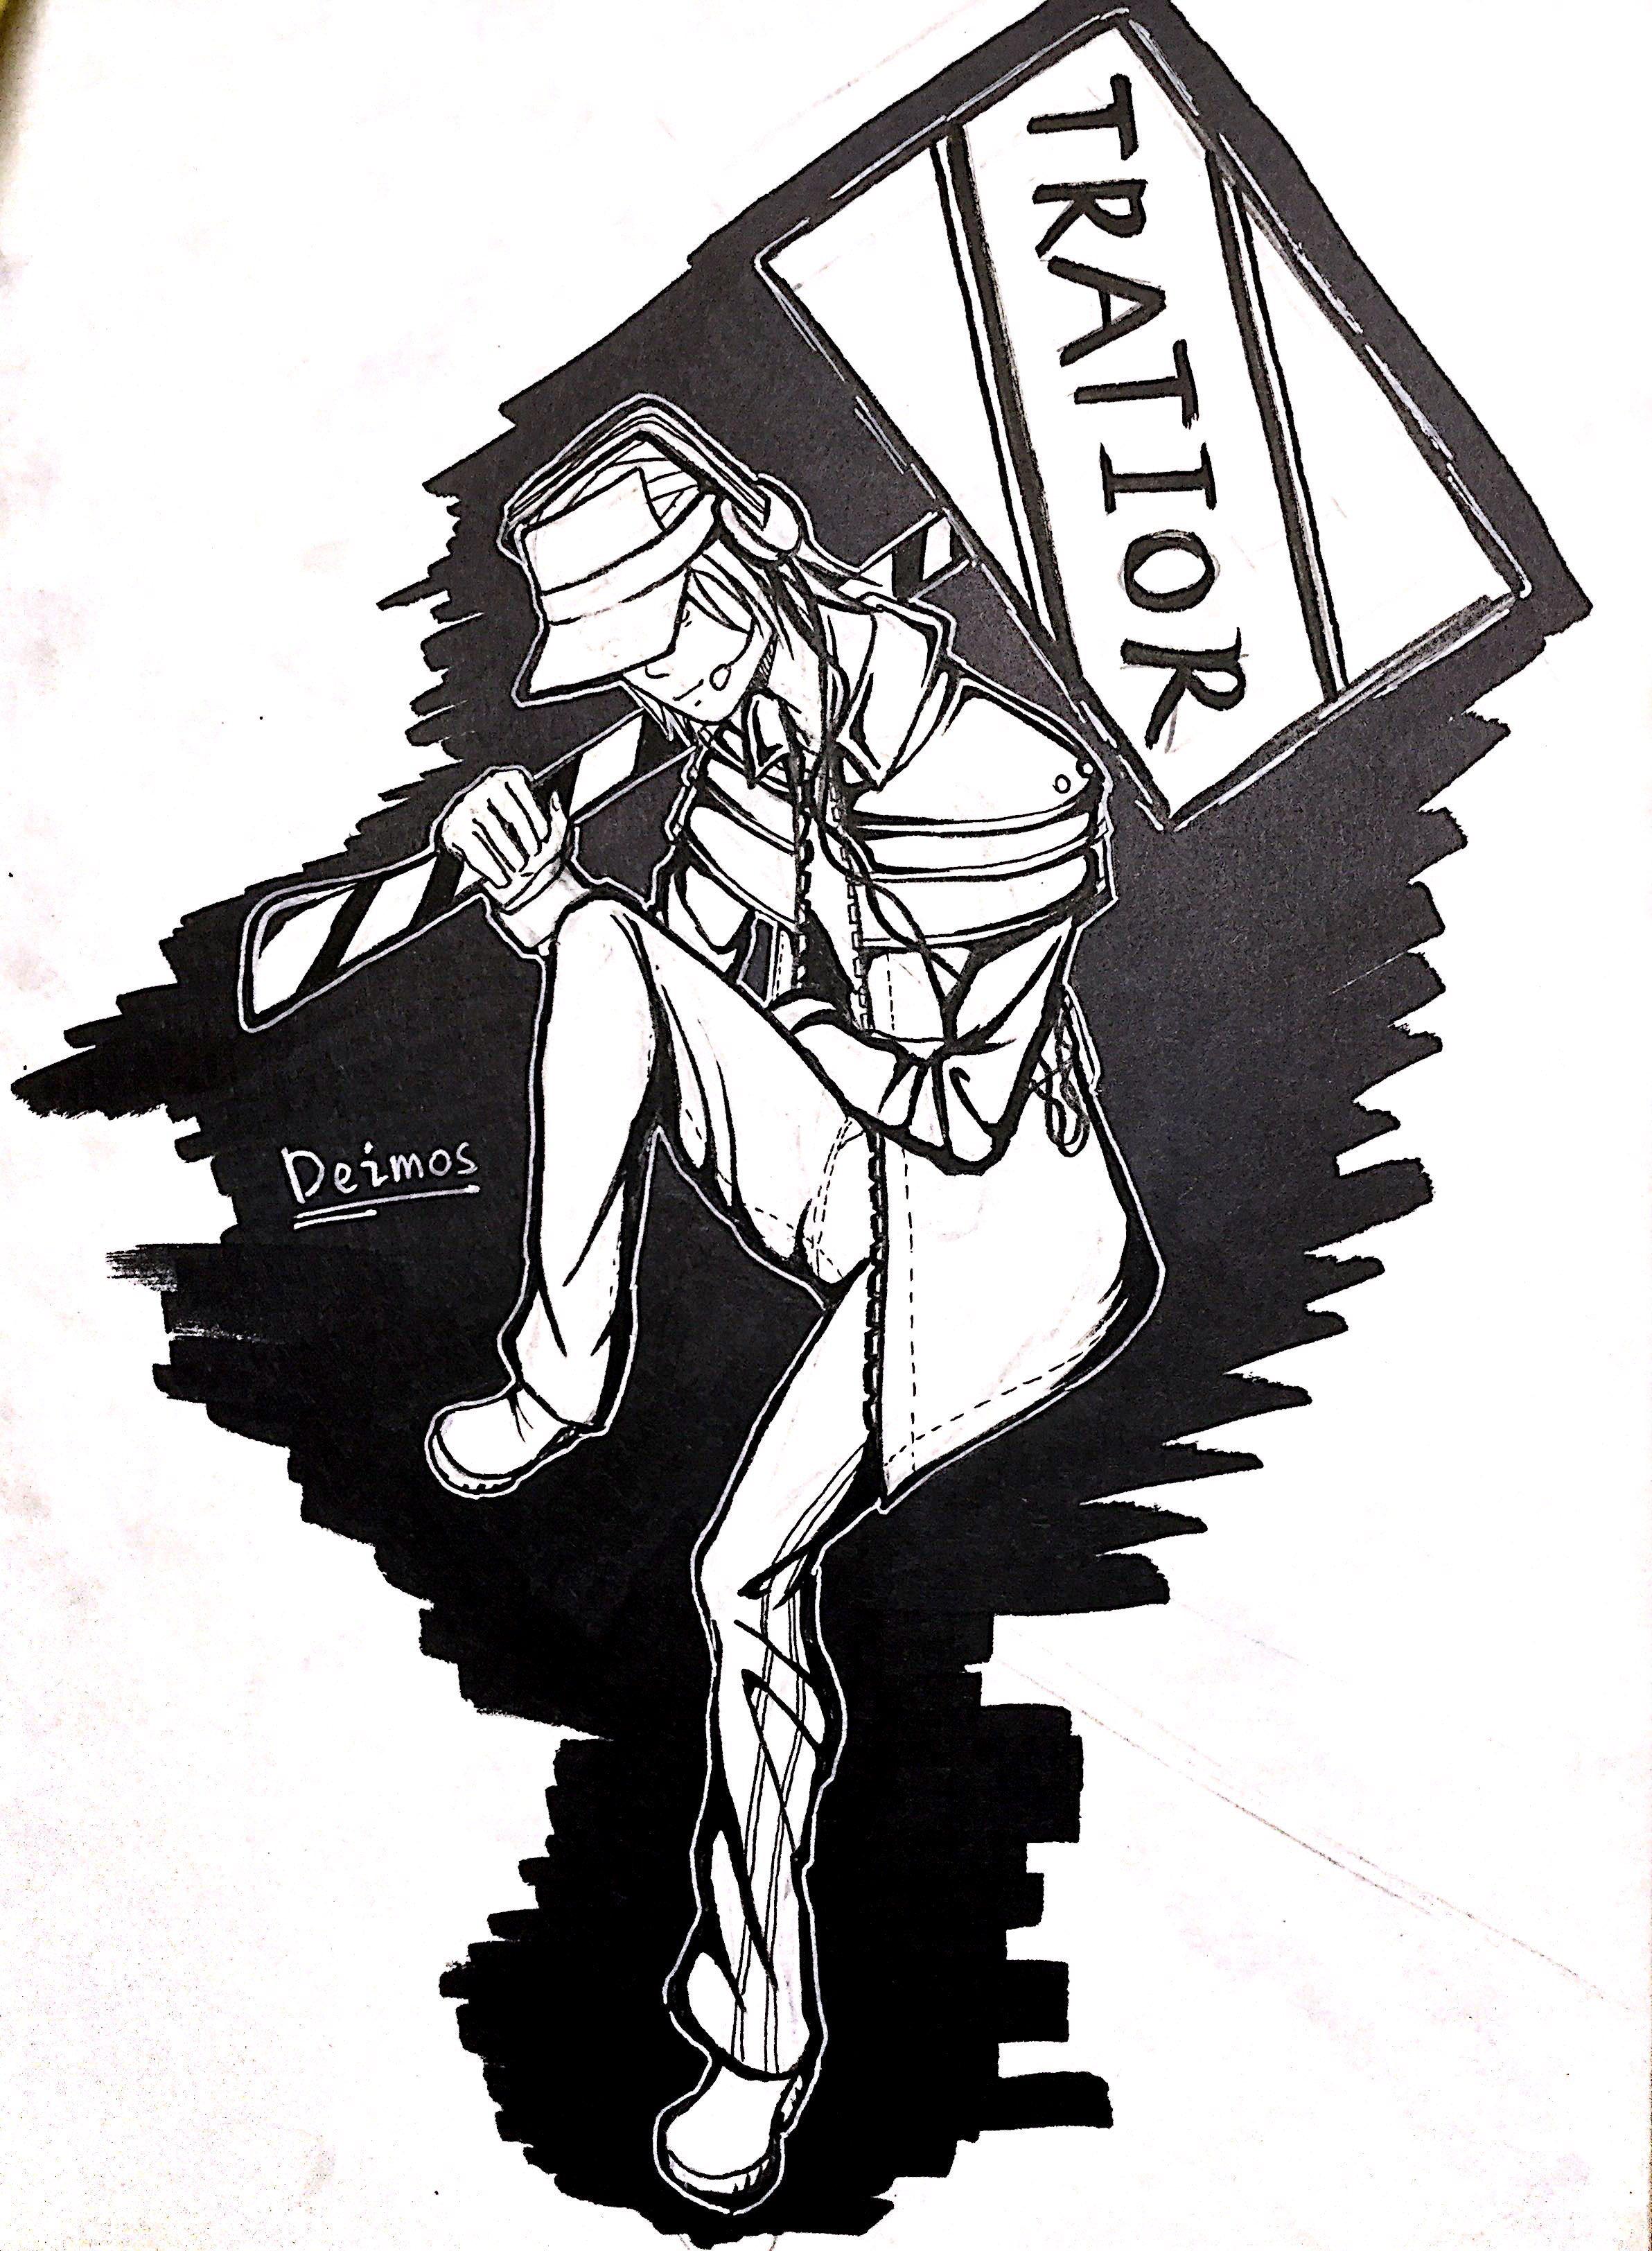 Deimos (black and white)